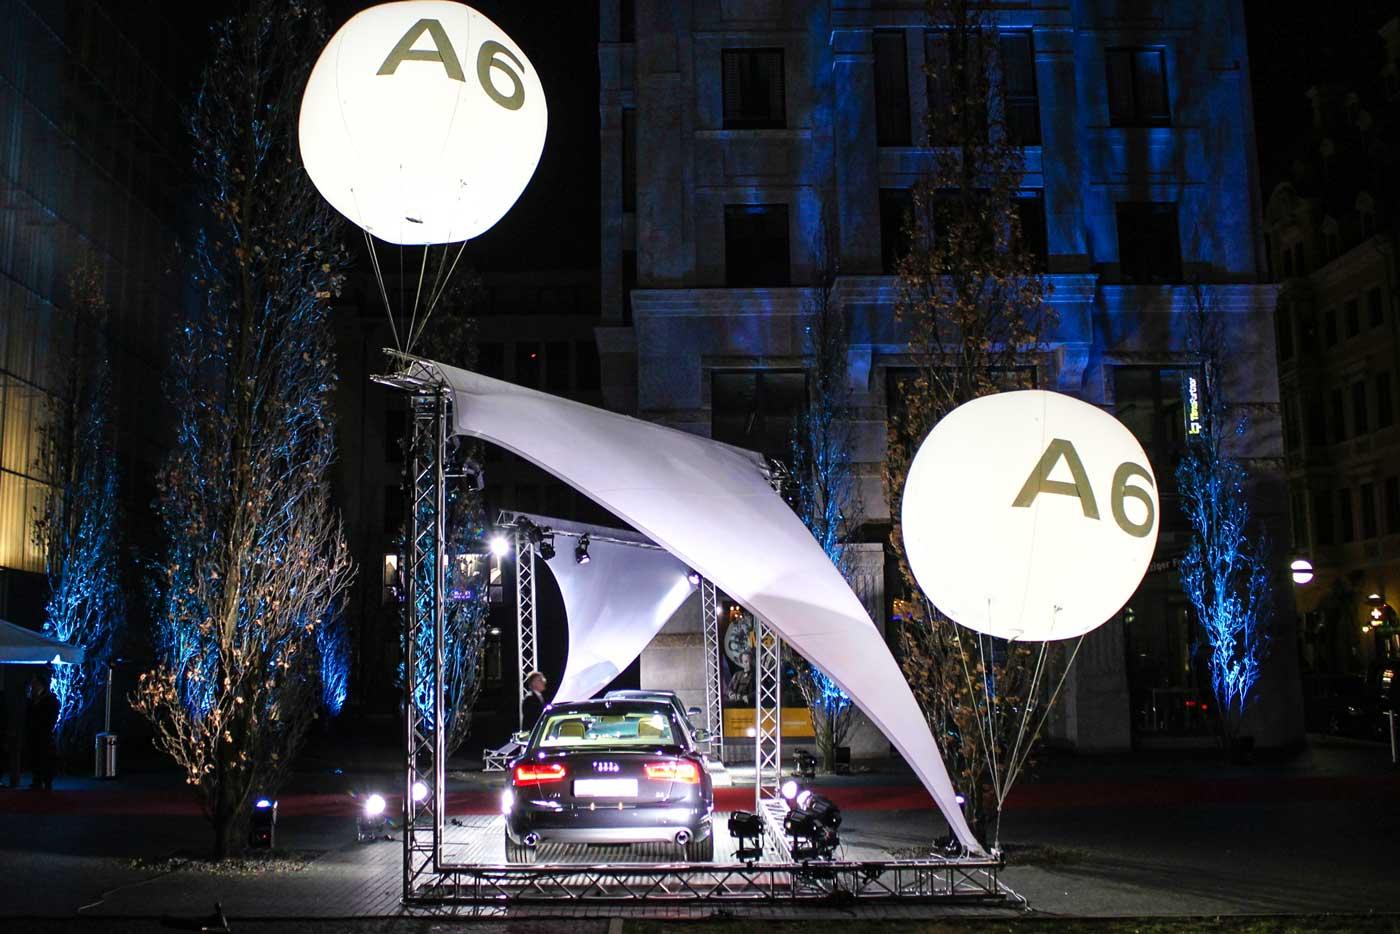 Werbeballon 250 cm mit Audi A6 Logo